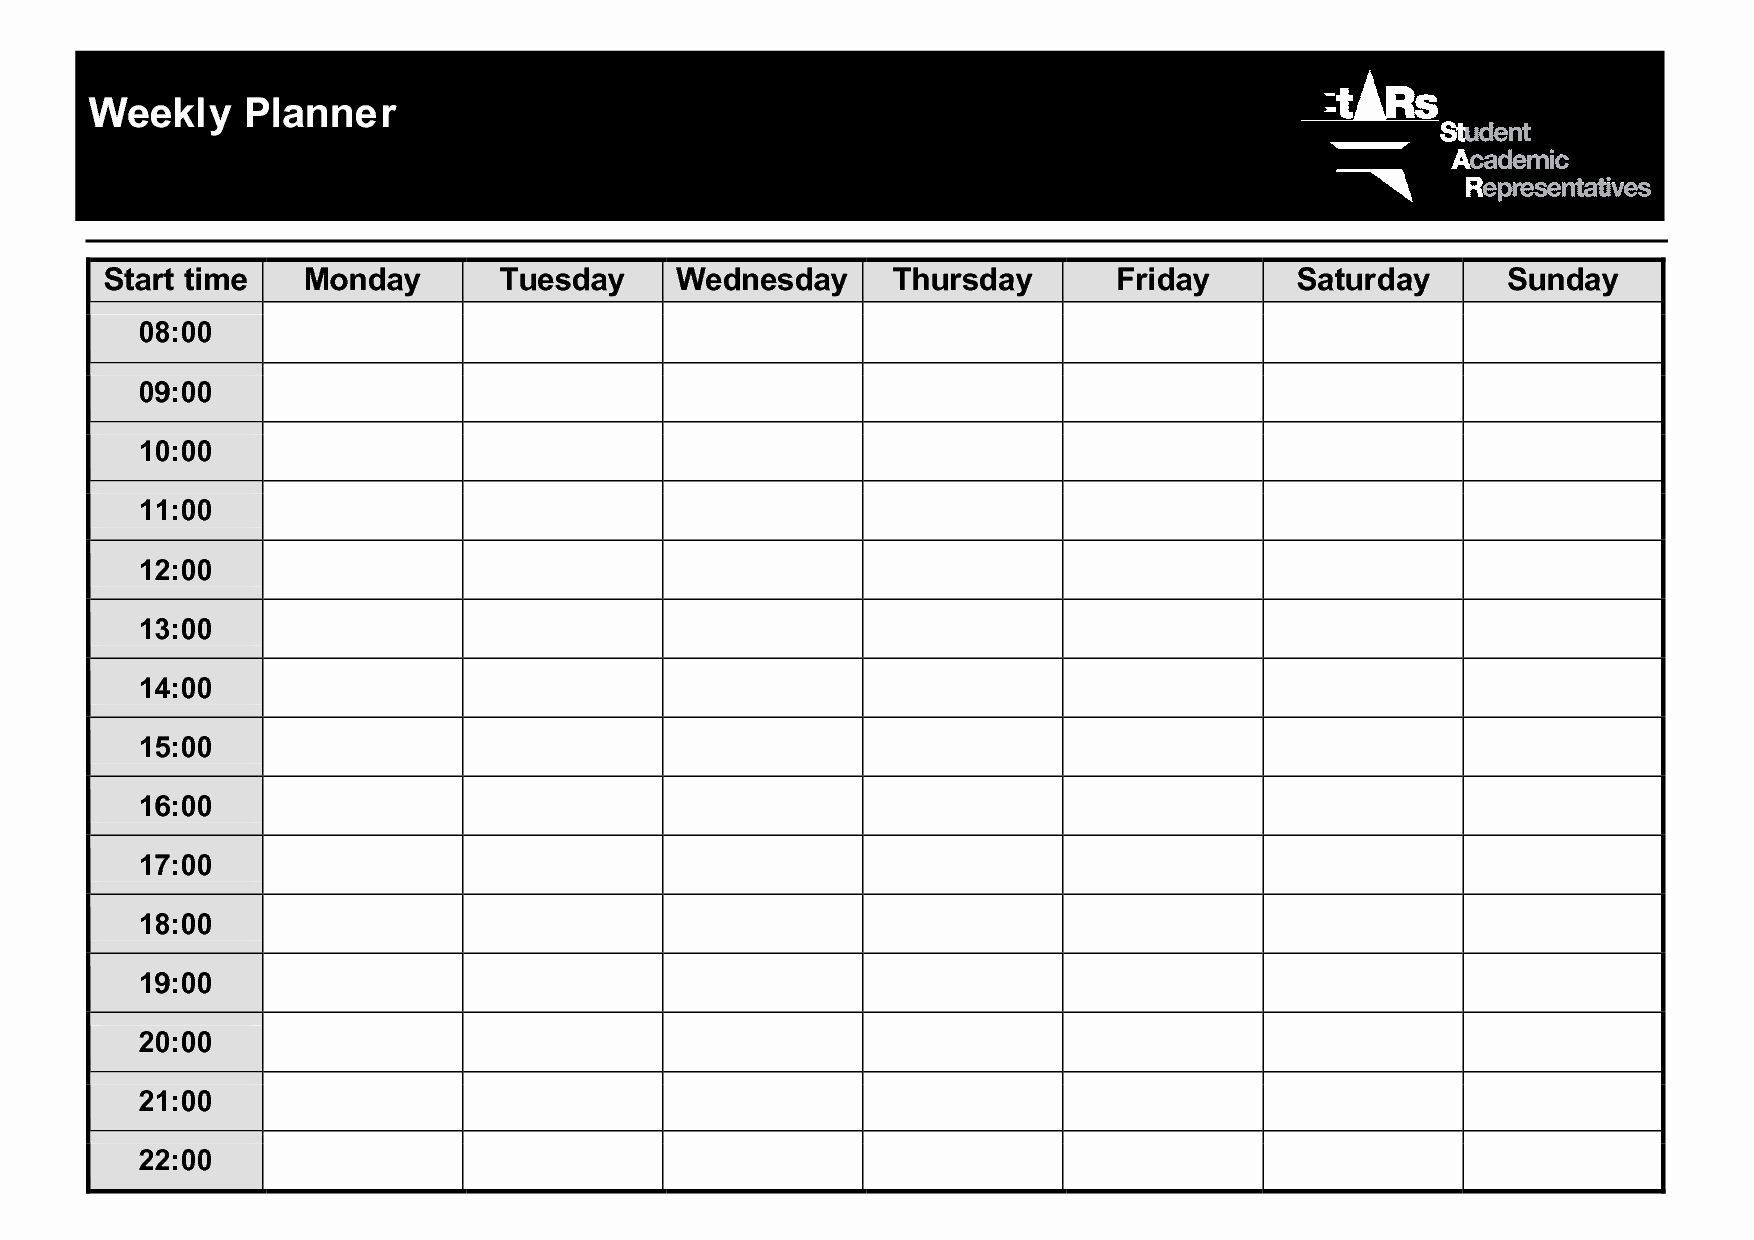 Weekly Planner Template Pdf Elegant 9 Best Of Weekly Planner Printable Pdf Weekly